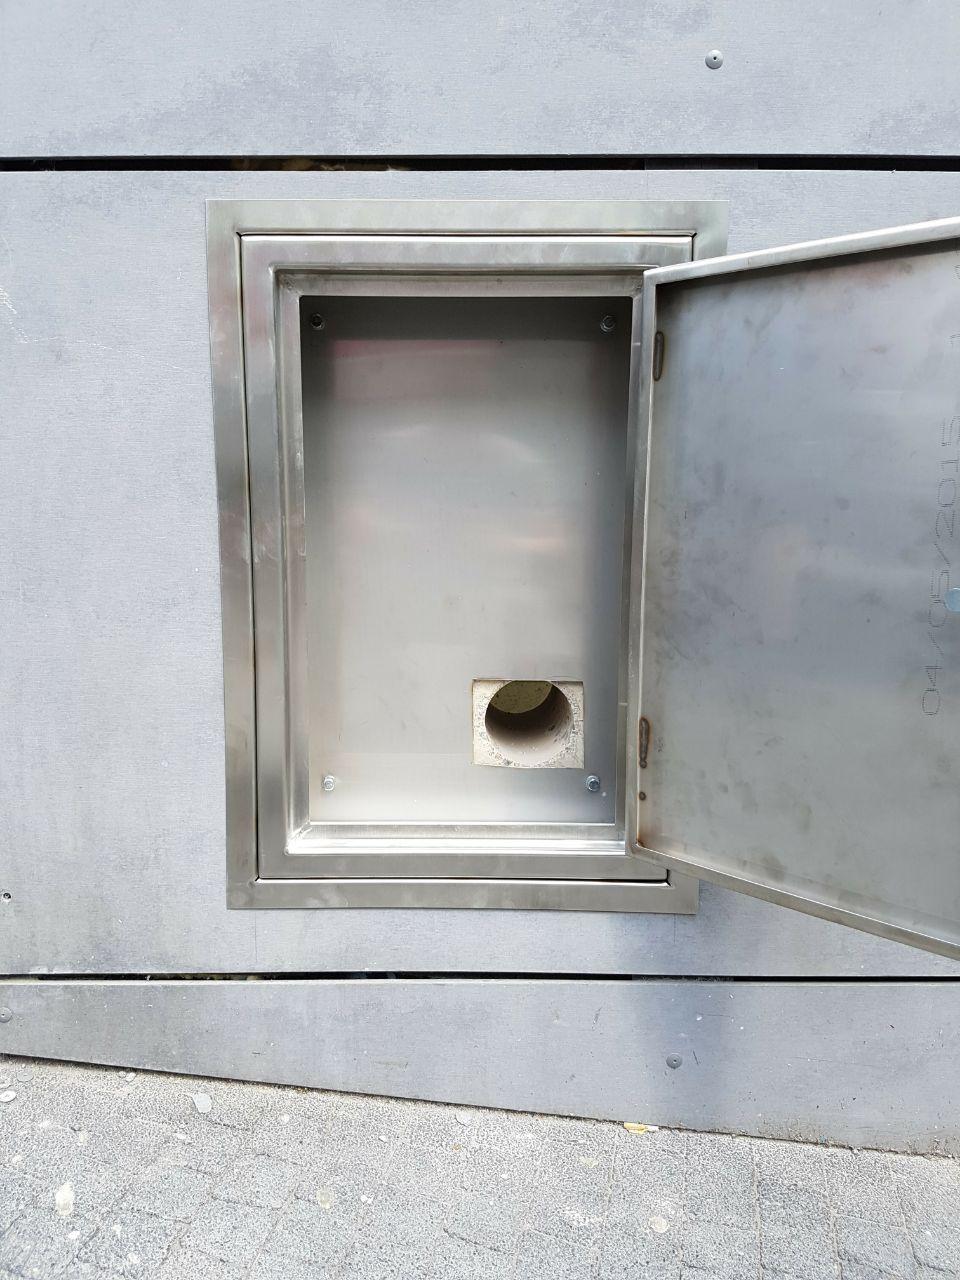 Full Size of Fettabscheider Küche Minto Shooting Star Gastronomie Pentryküche Pantryküche Holzregal Wandregal Landhaus Industriedesign Hochglanz Sideboard Freistehende Küche Fettabscheider Küche